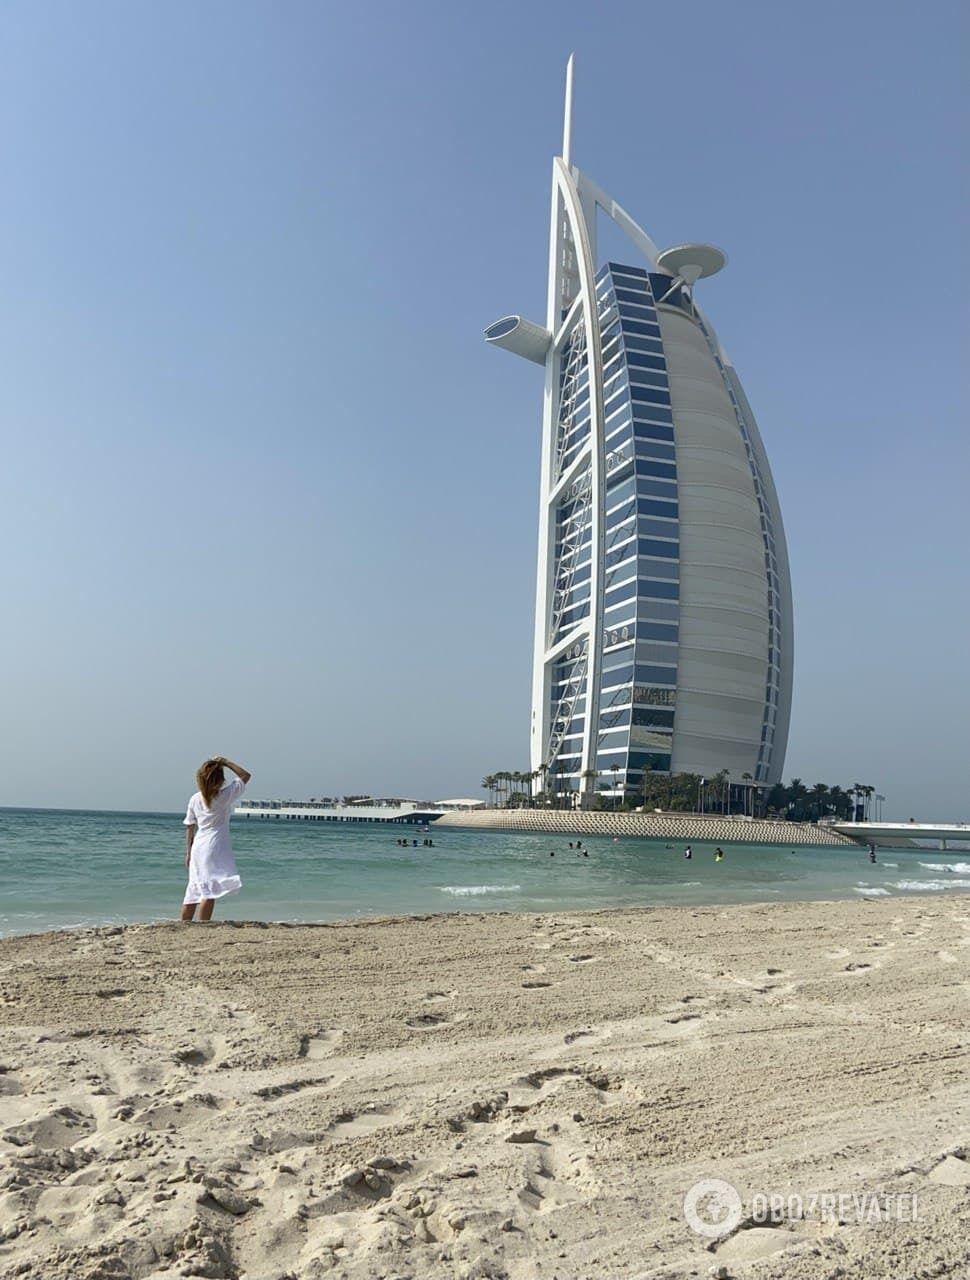 Вид с пляжа на отель Бурдж Аль Араб.